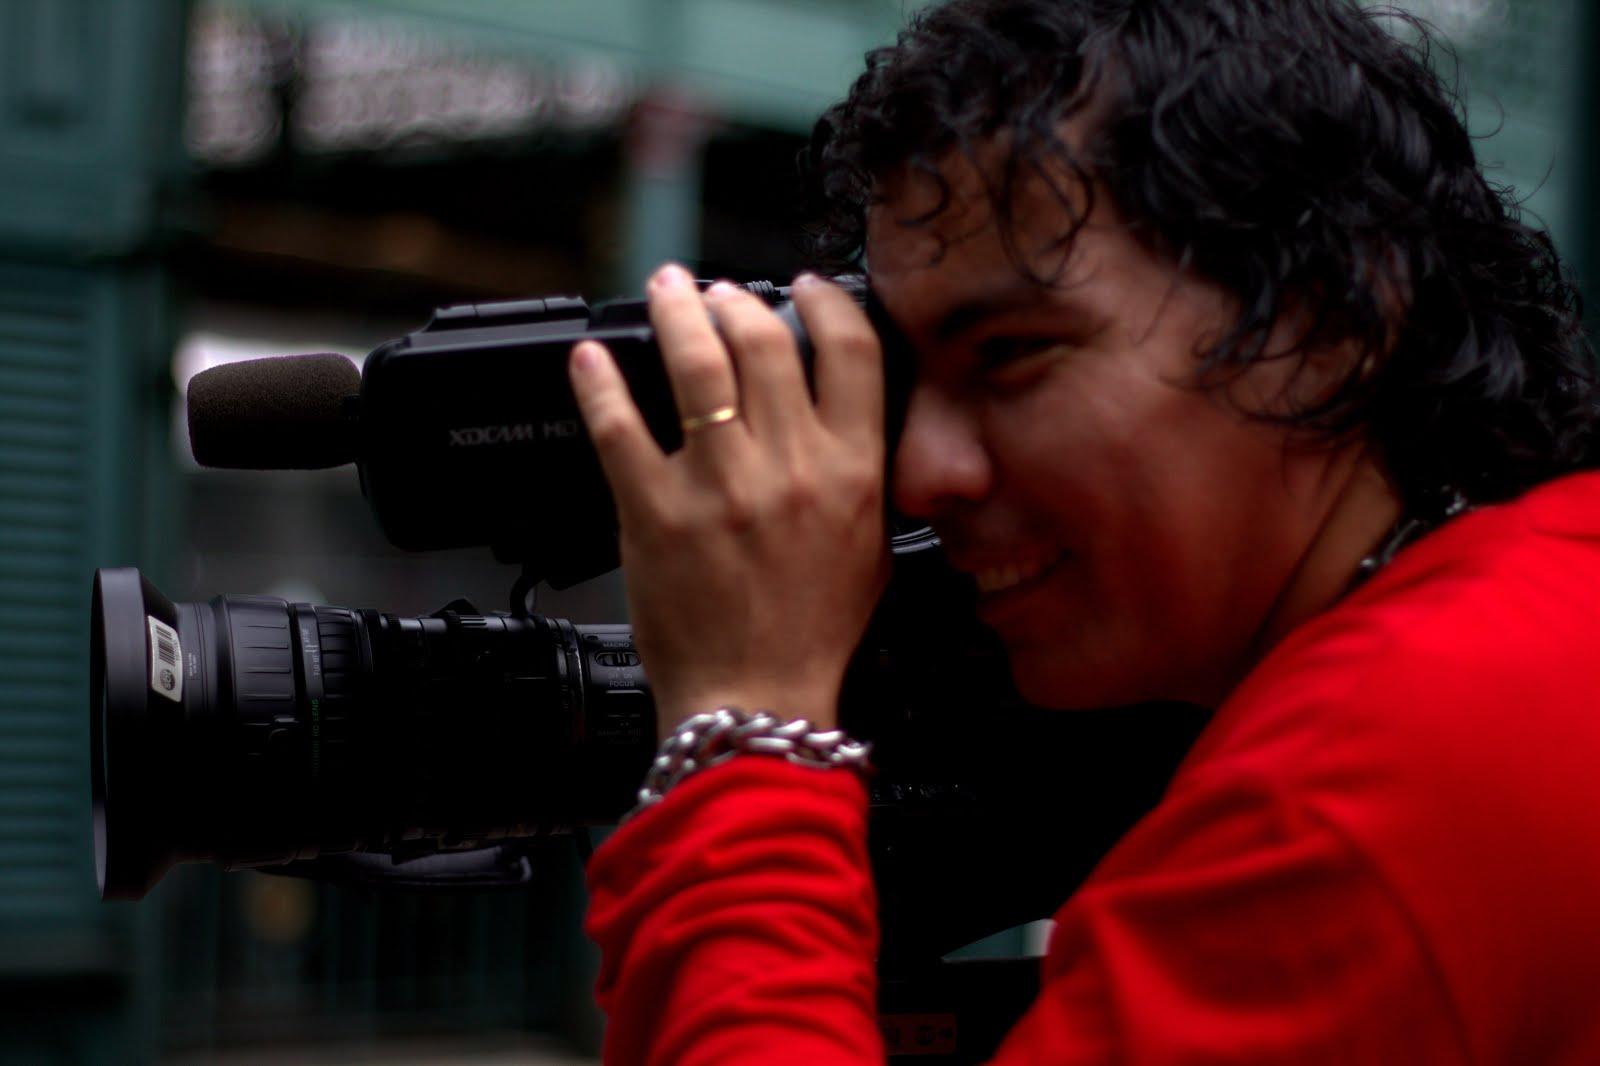 Luxã Nautilho, Diretor do filme Namoro Adolescente. Uma Produção de Cine Cast Photography